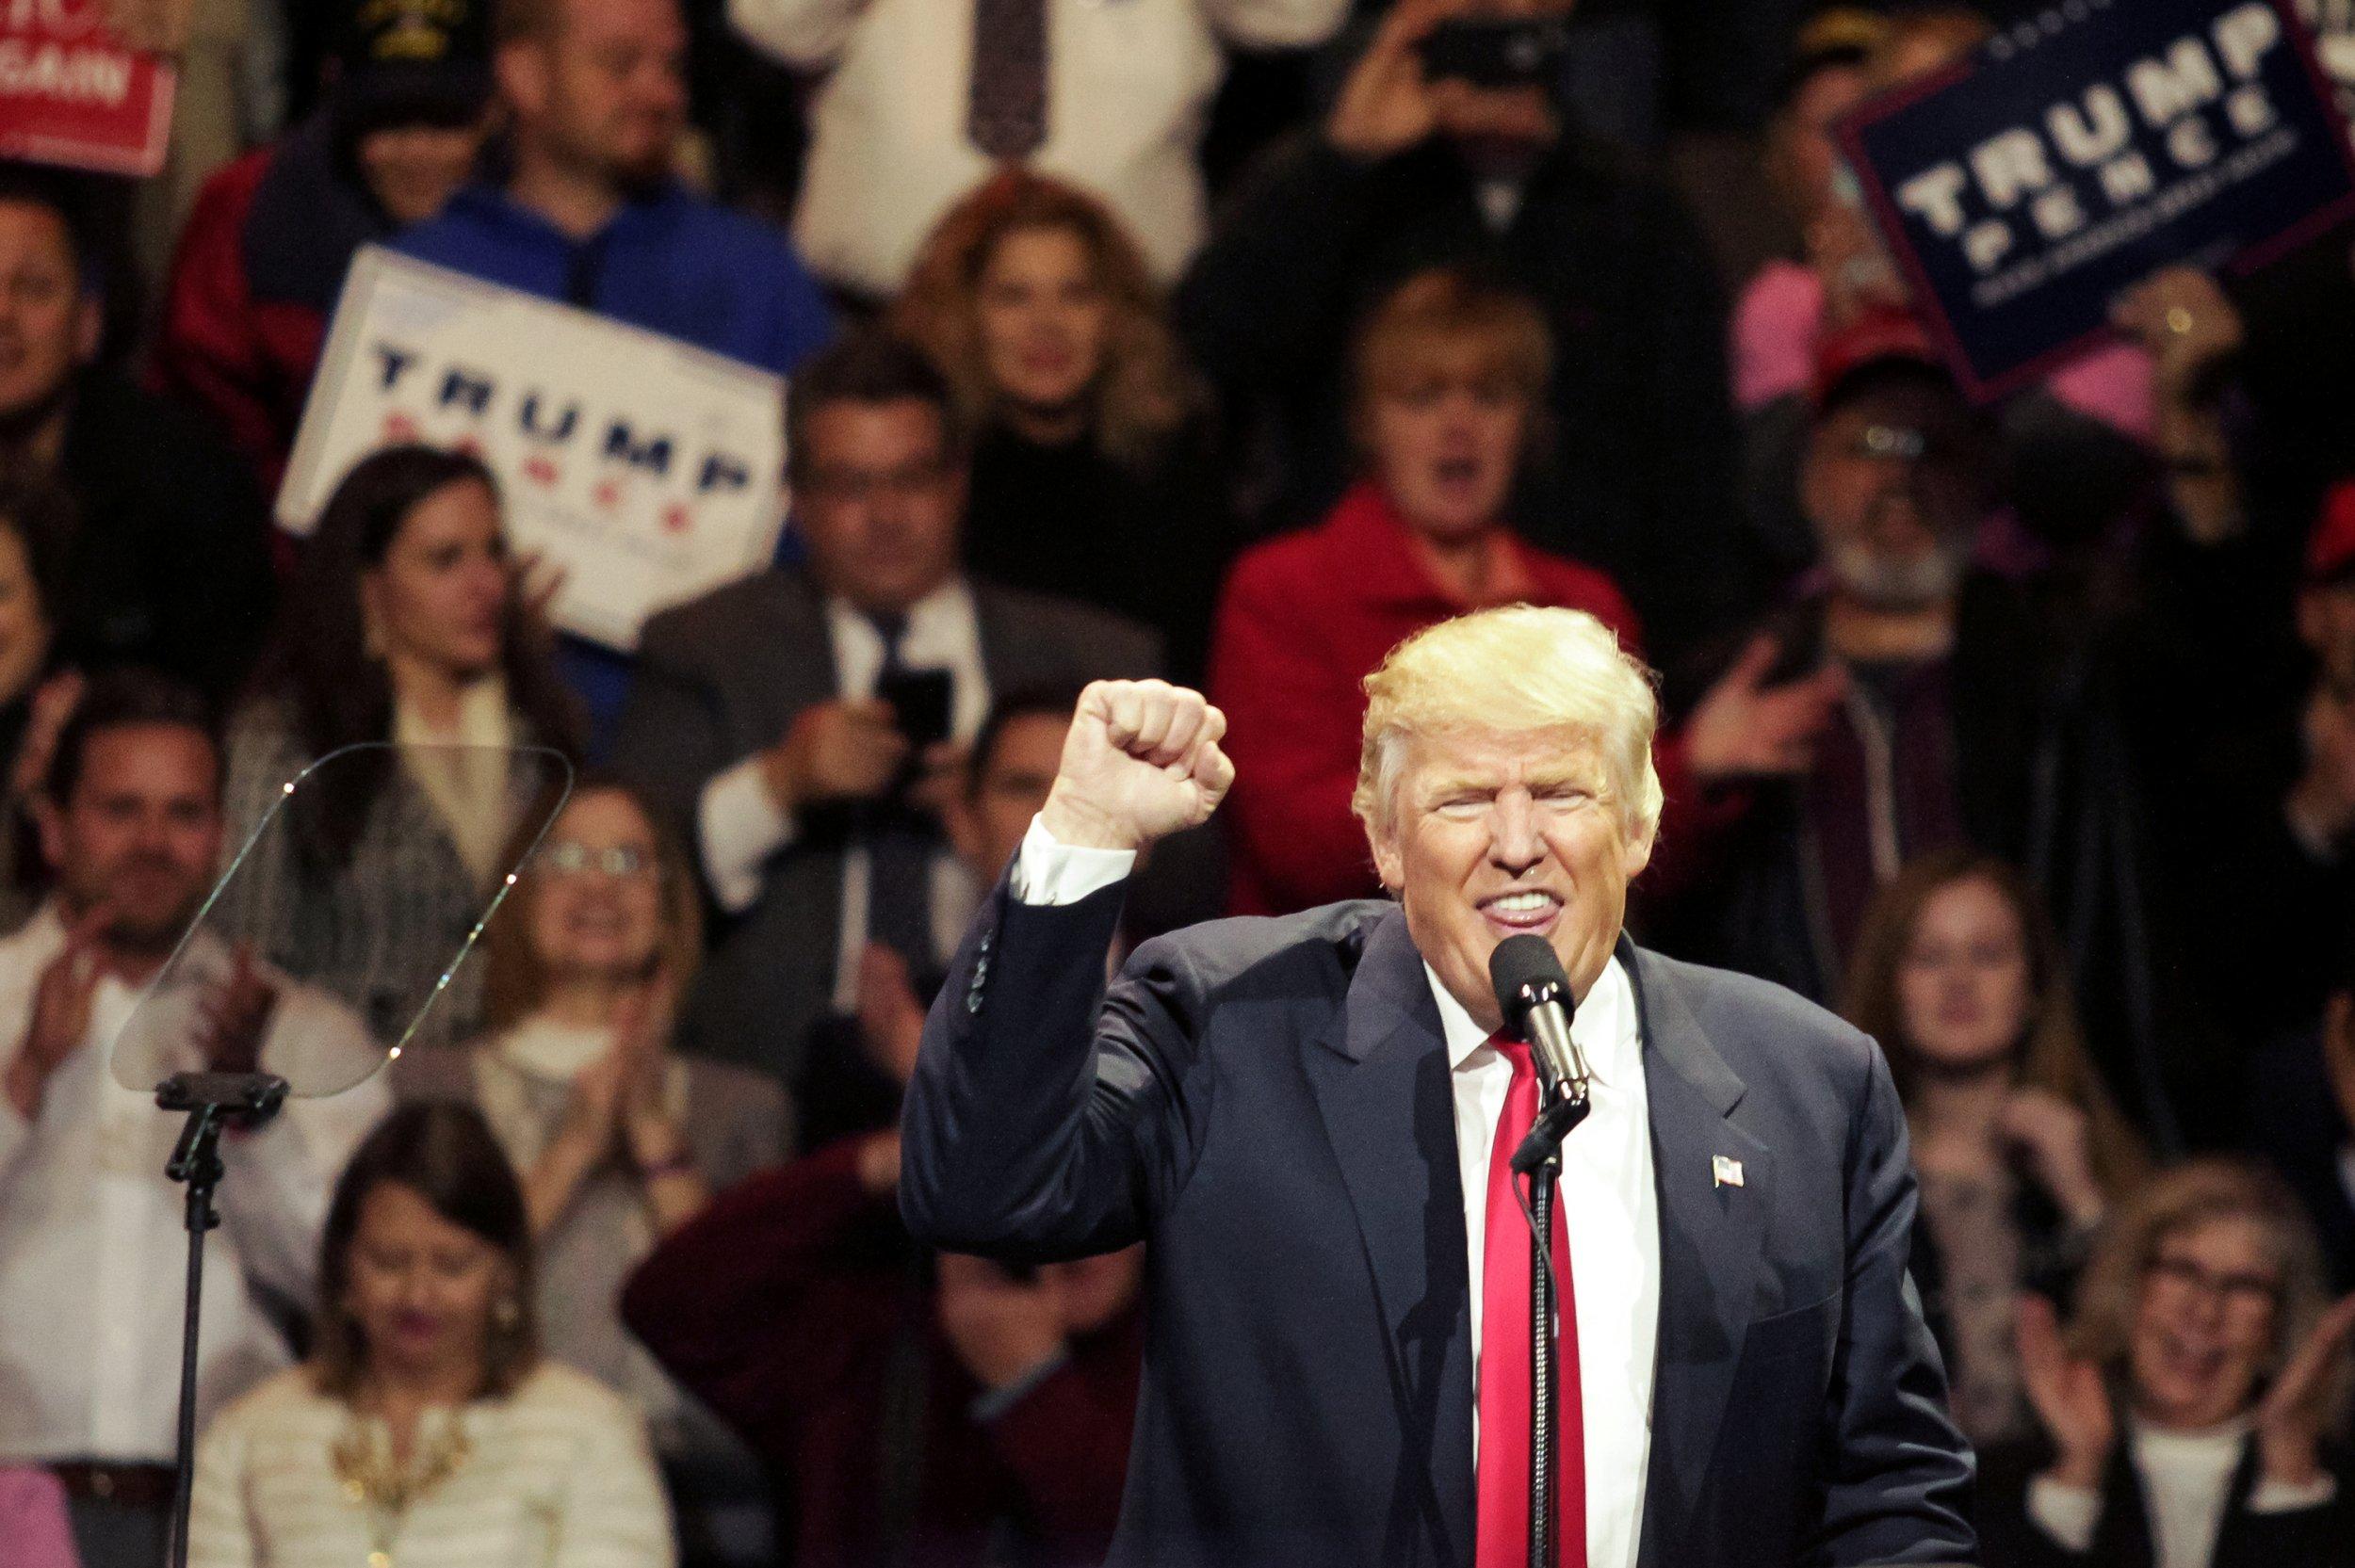 Trump on 'Thank You Tour'